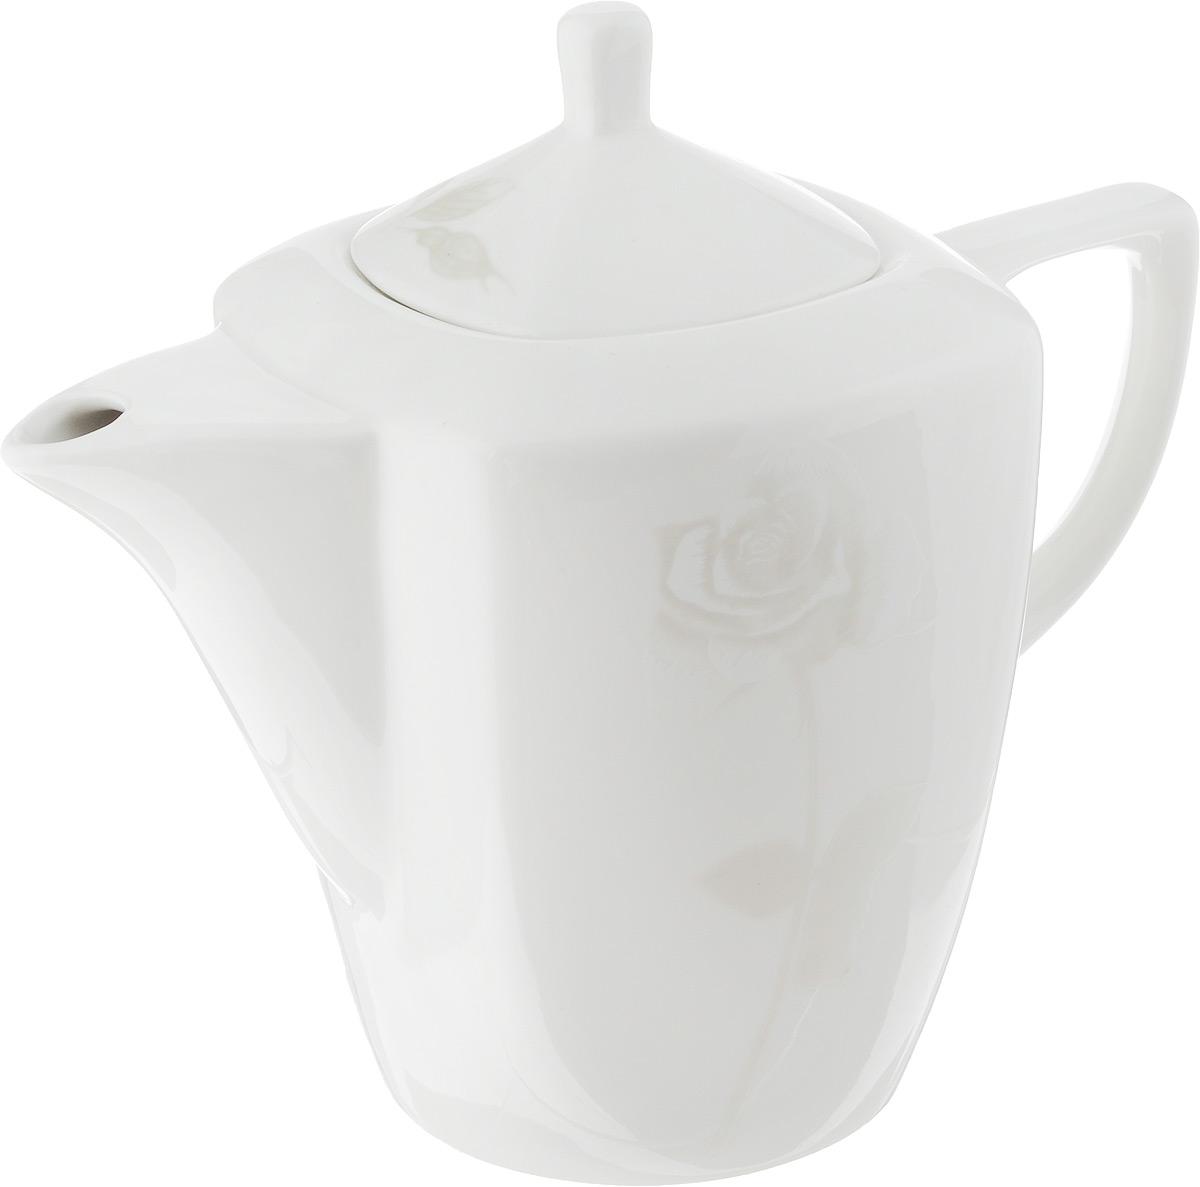 Чайник заварочный Жемчужная роза, 1,1 л216699Заварочный чайник Жемчужная роза изготовлен из высококачественного фарфора. Глазурованное покрытие обеспечивает легкую очистку. Изделие прекрасно подходит для заваривания вкусного и ароматного чая, а также травяных настоев. Оригинальный дизайн сделает чайник настоящим украшением стола. Он удобен в использовании и понравится каждому.Можно мыть в посудомоечной машине и использовать в микроволновой печи. Диаметр чайника (по верхнему краю): 7 см. Высота чайника (без учета крышки): 14 см. Высота чайника (с учетом крышки): 19 см.